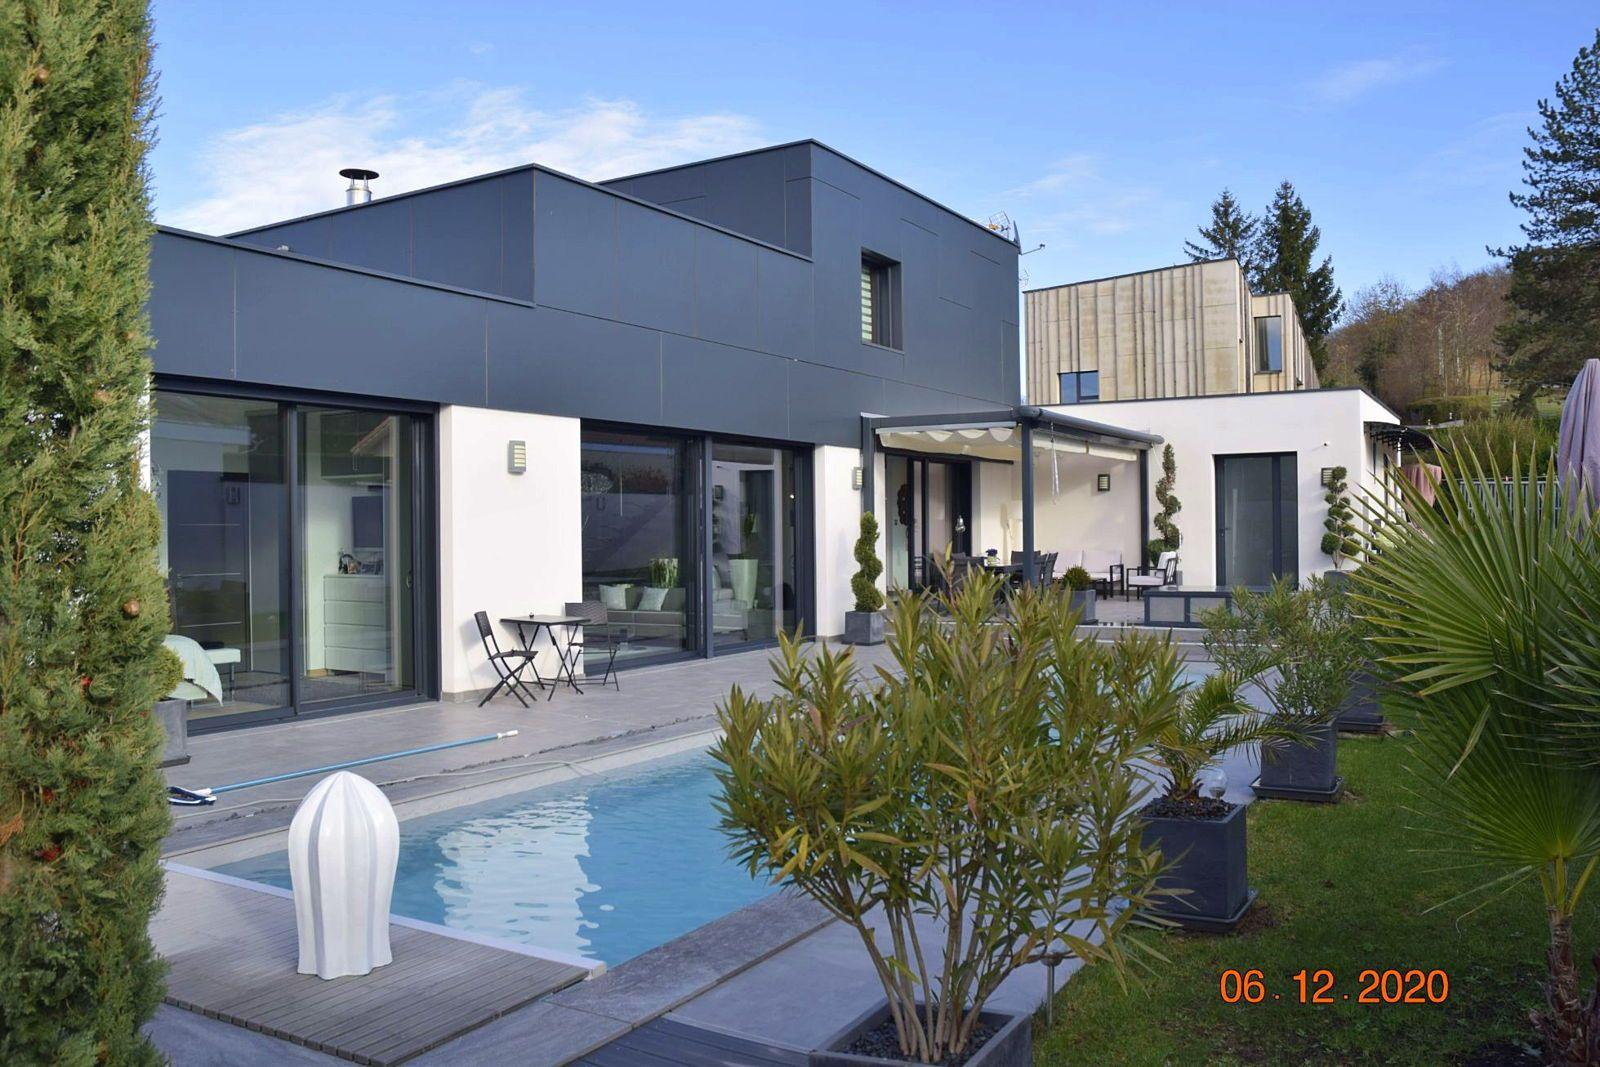 Vends Maison Architecte 167m² + 80m² dépendances - 4chambres - Ruy-Montceau (38)